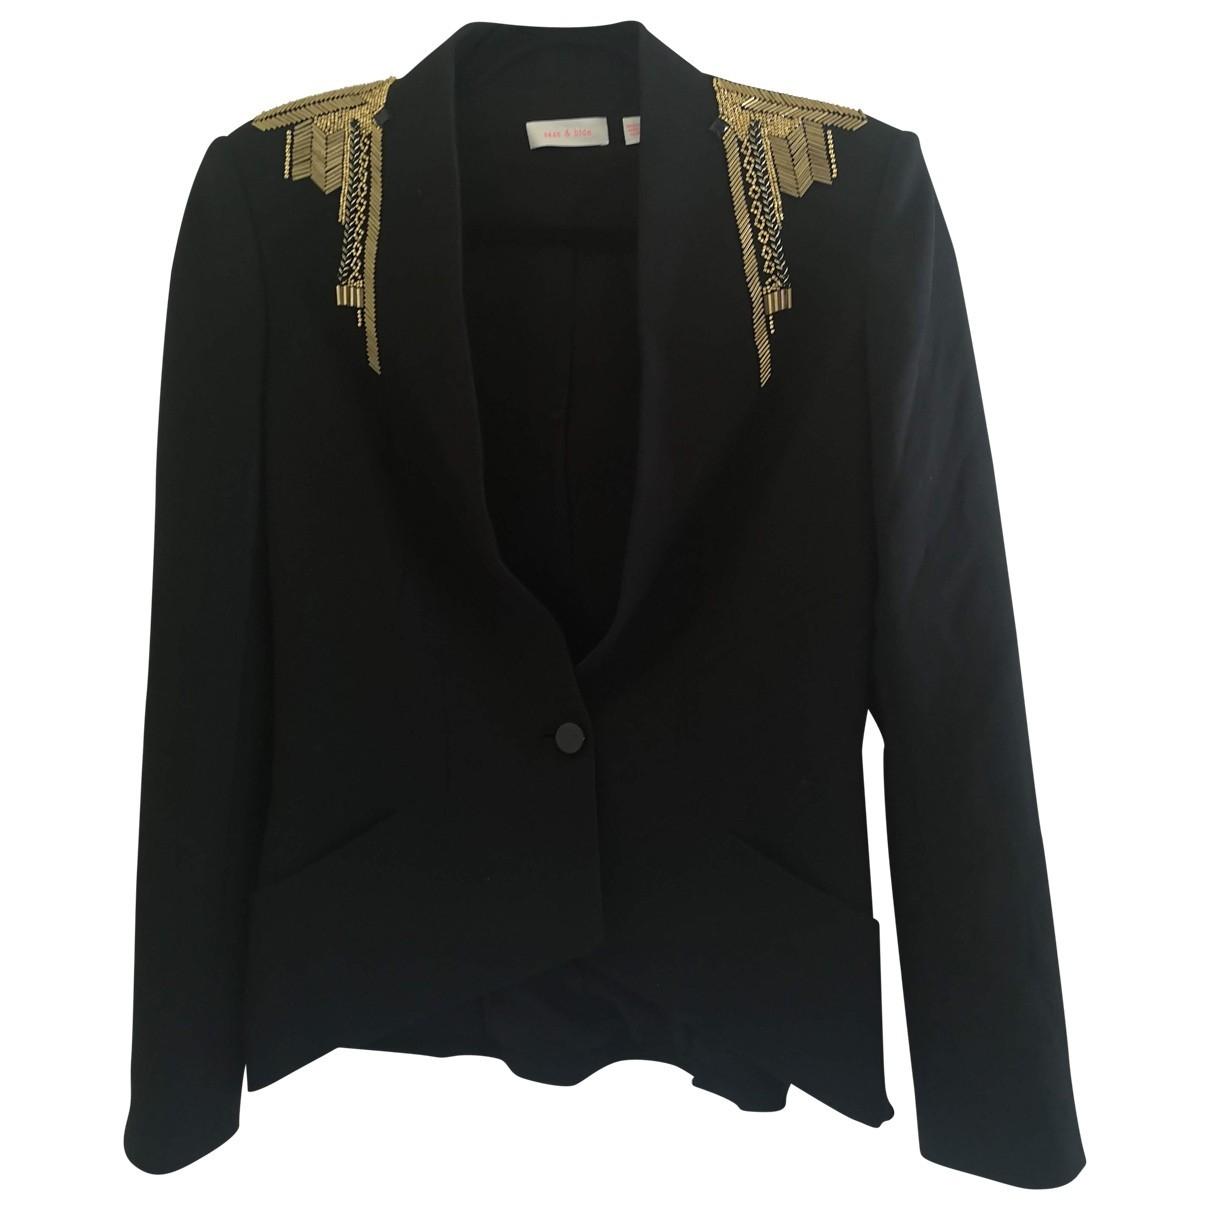 Sass & Bide \N Black jacket for Women 10 UK